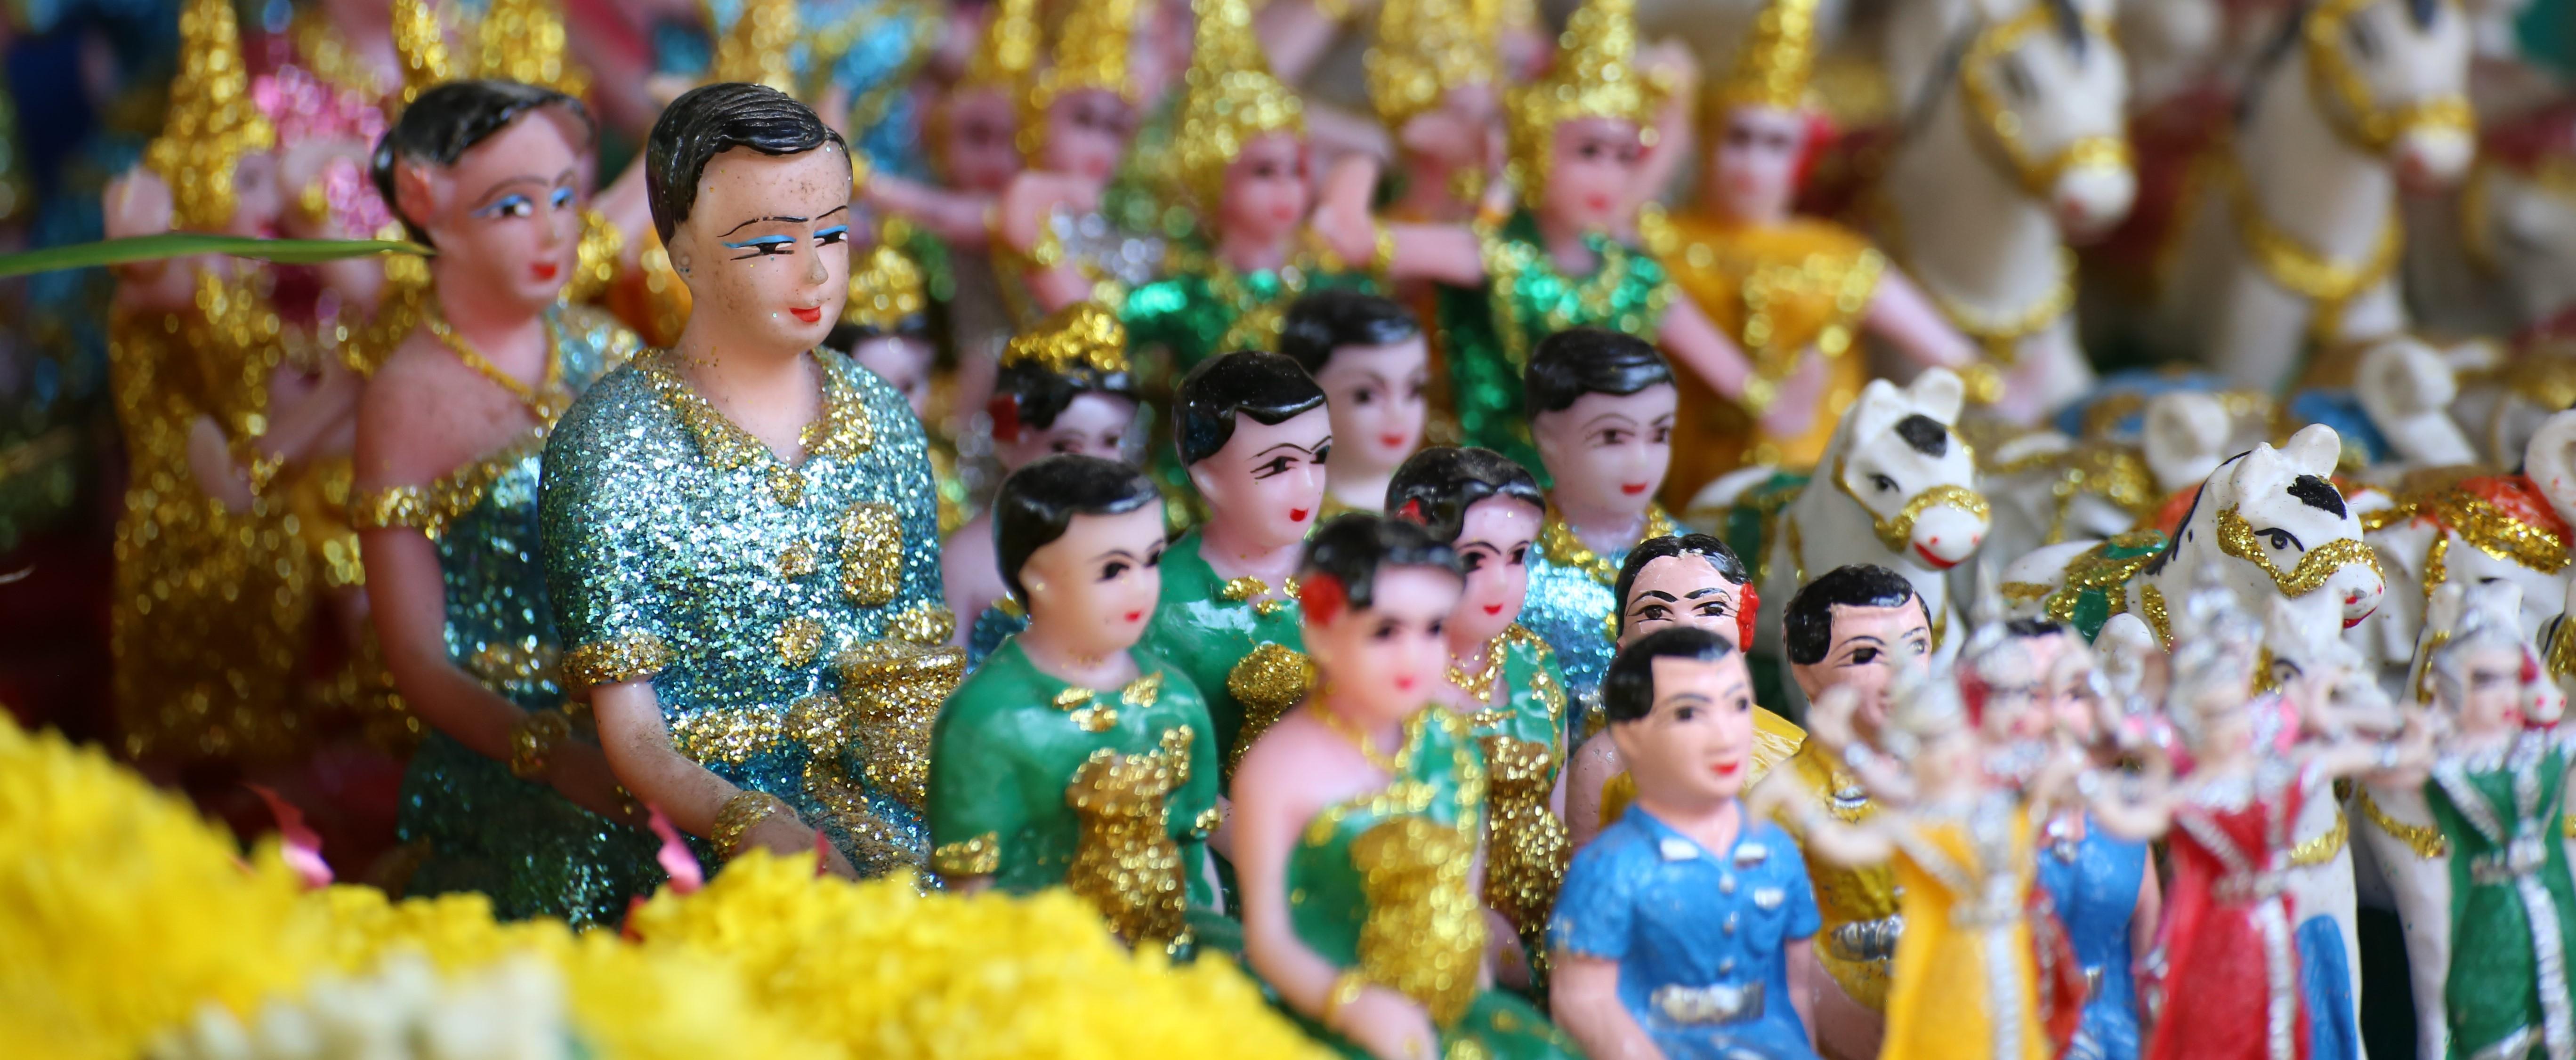 maison esprits phra phum génies protecteur thai